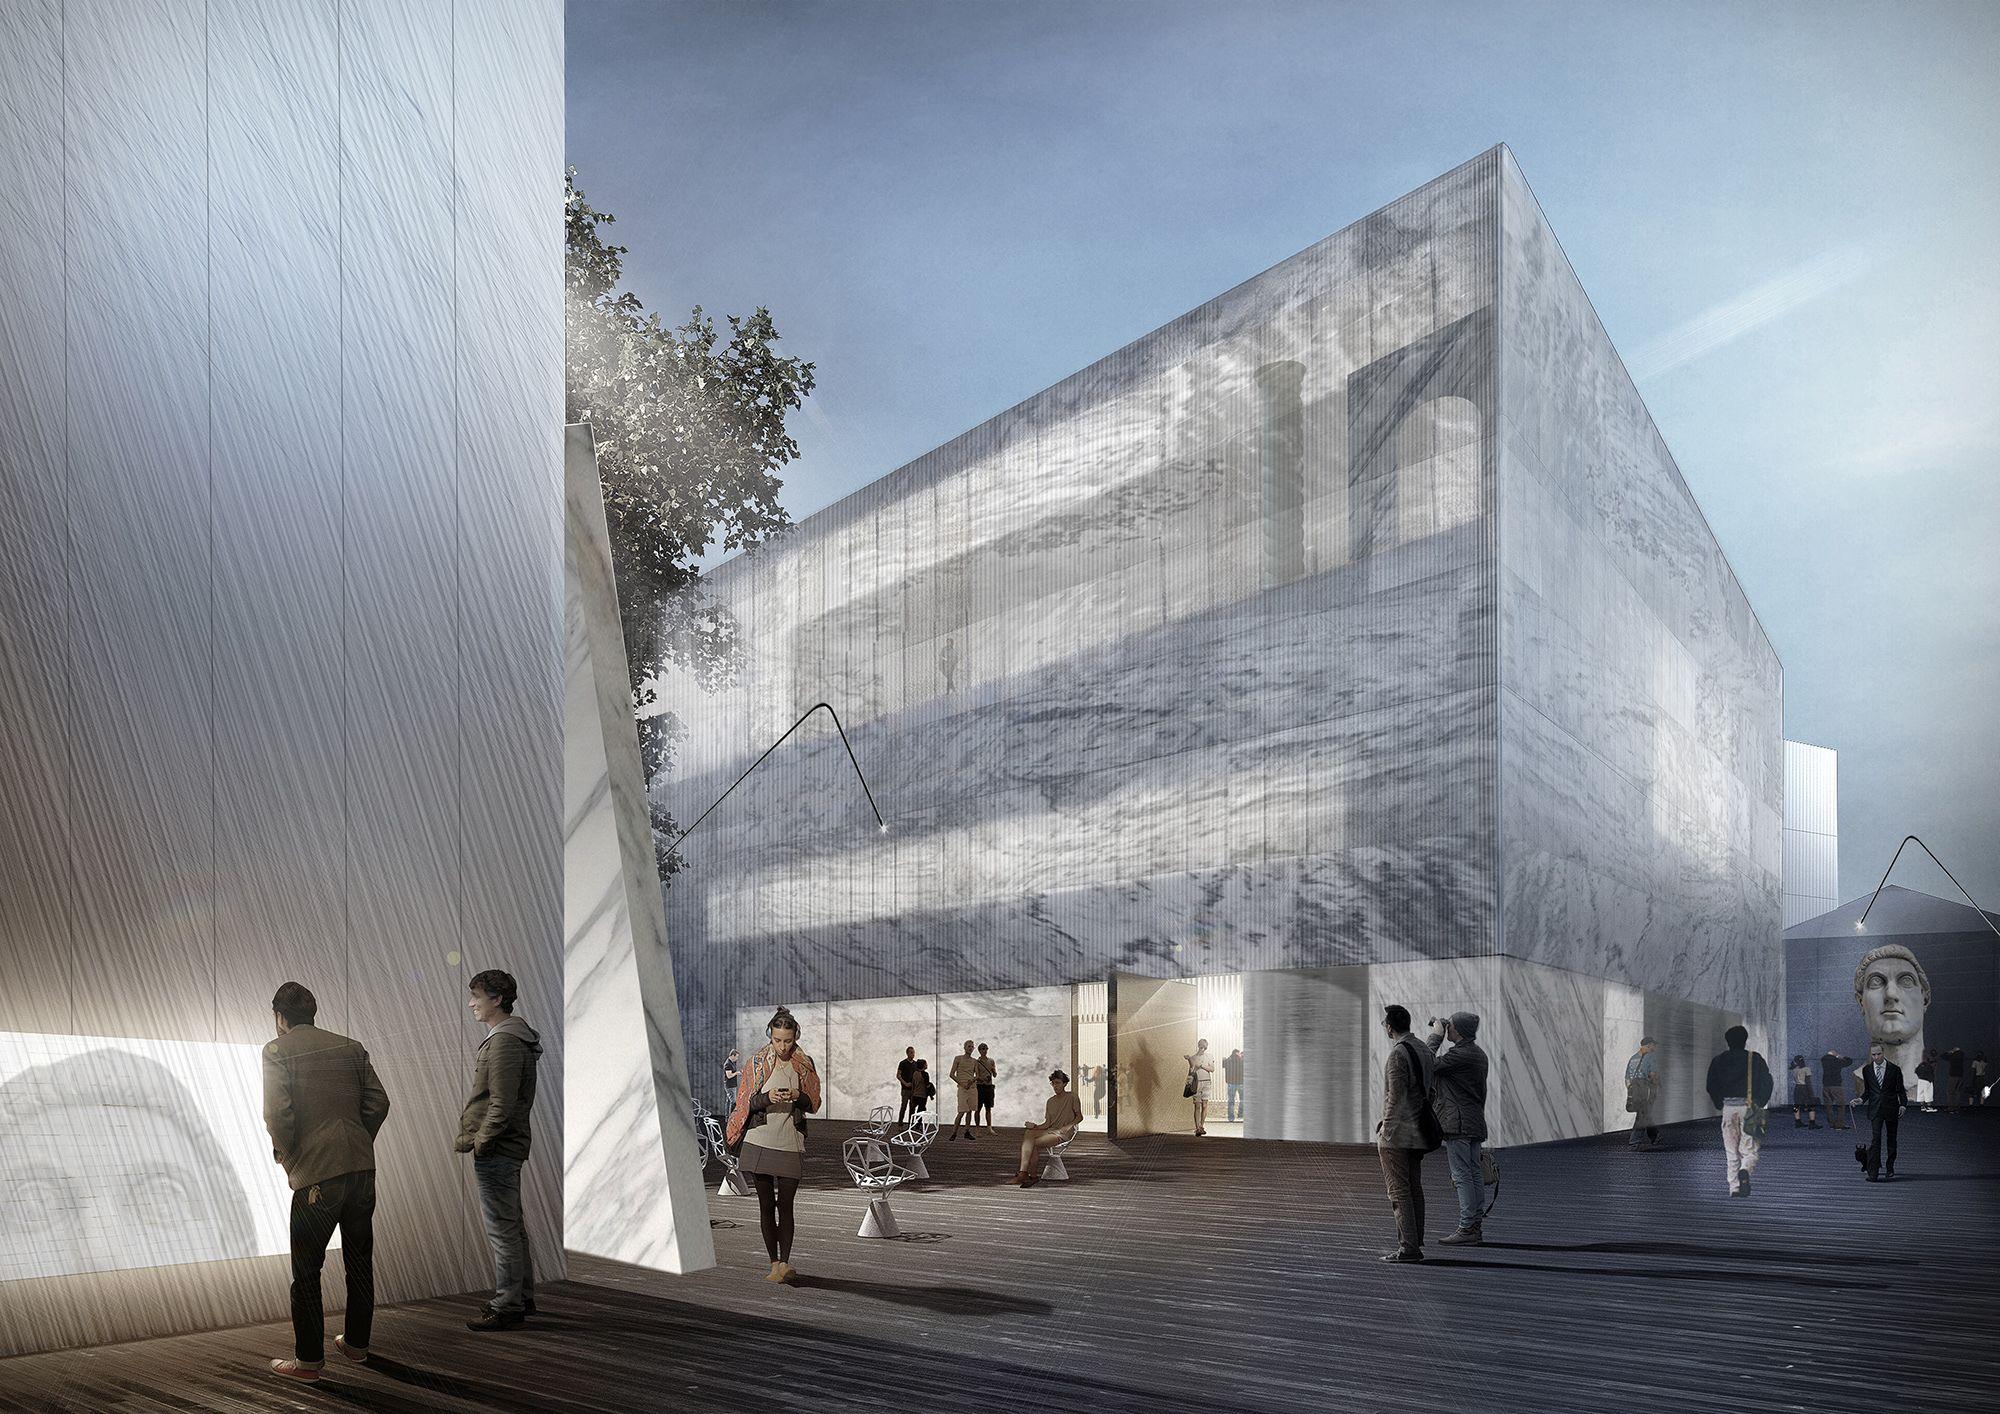 Escritório Project Meganom vence concurso para a remodelação do Pushkin Museum em Moscou